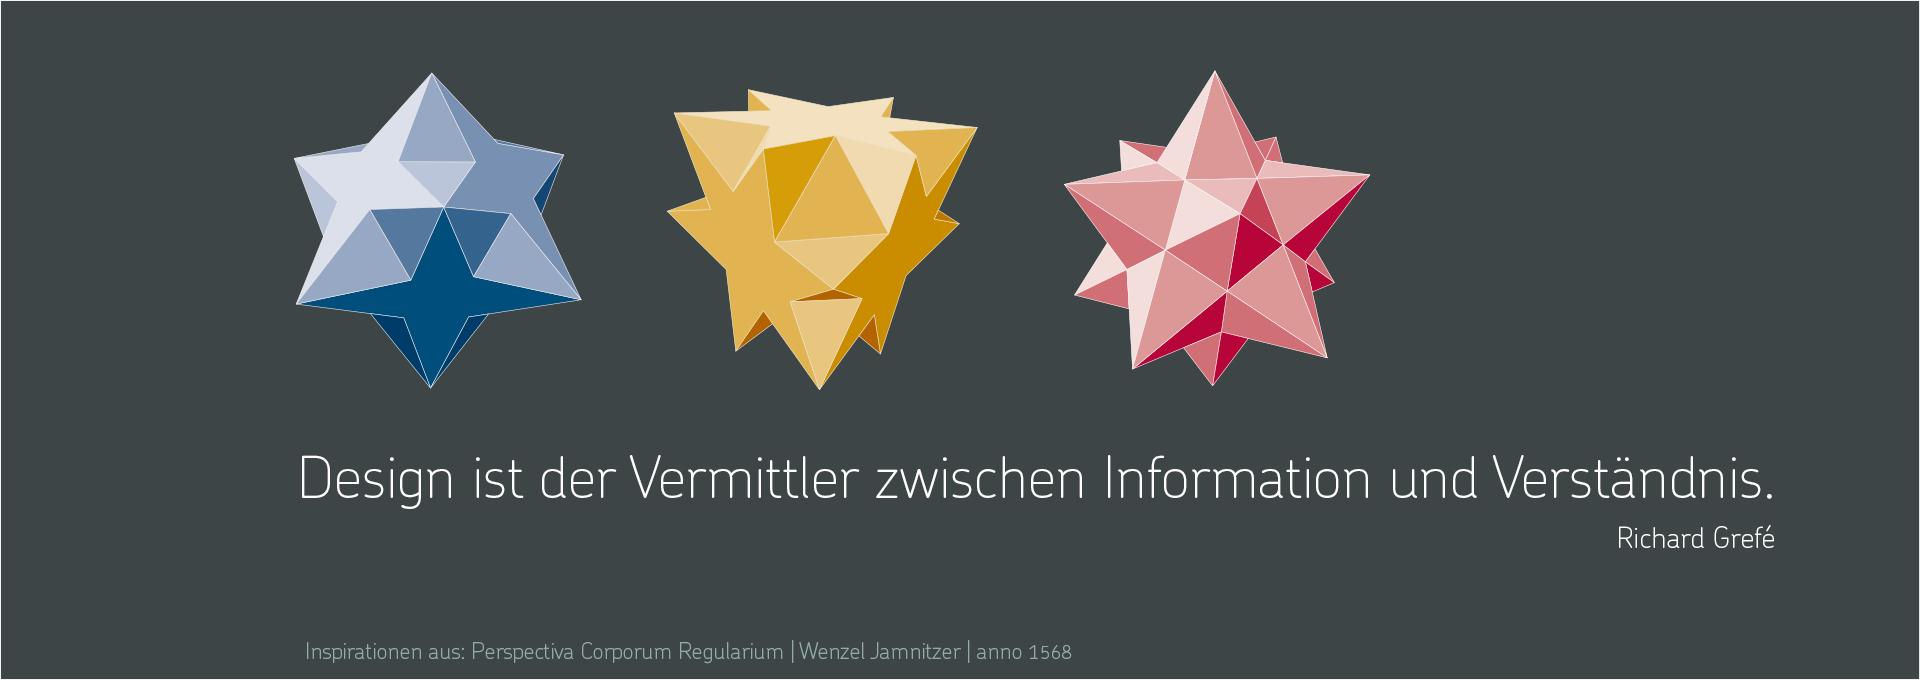 Design ist der Vermittler zwischen Information und Verständnis. Richard Grefé